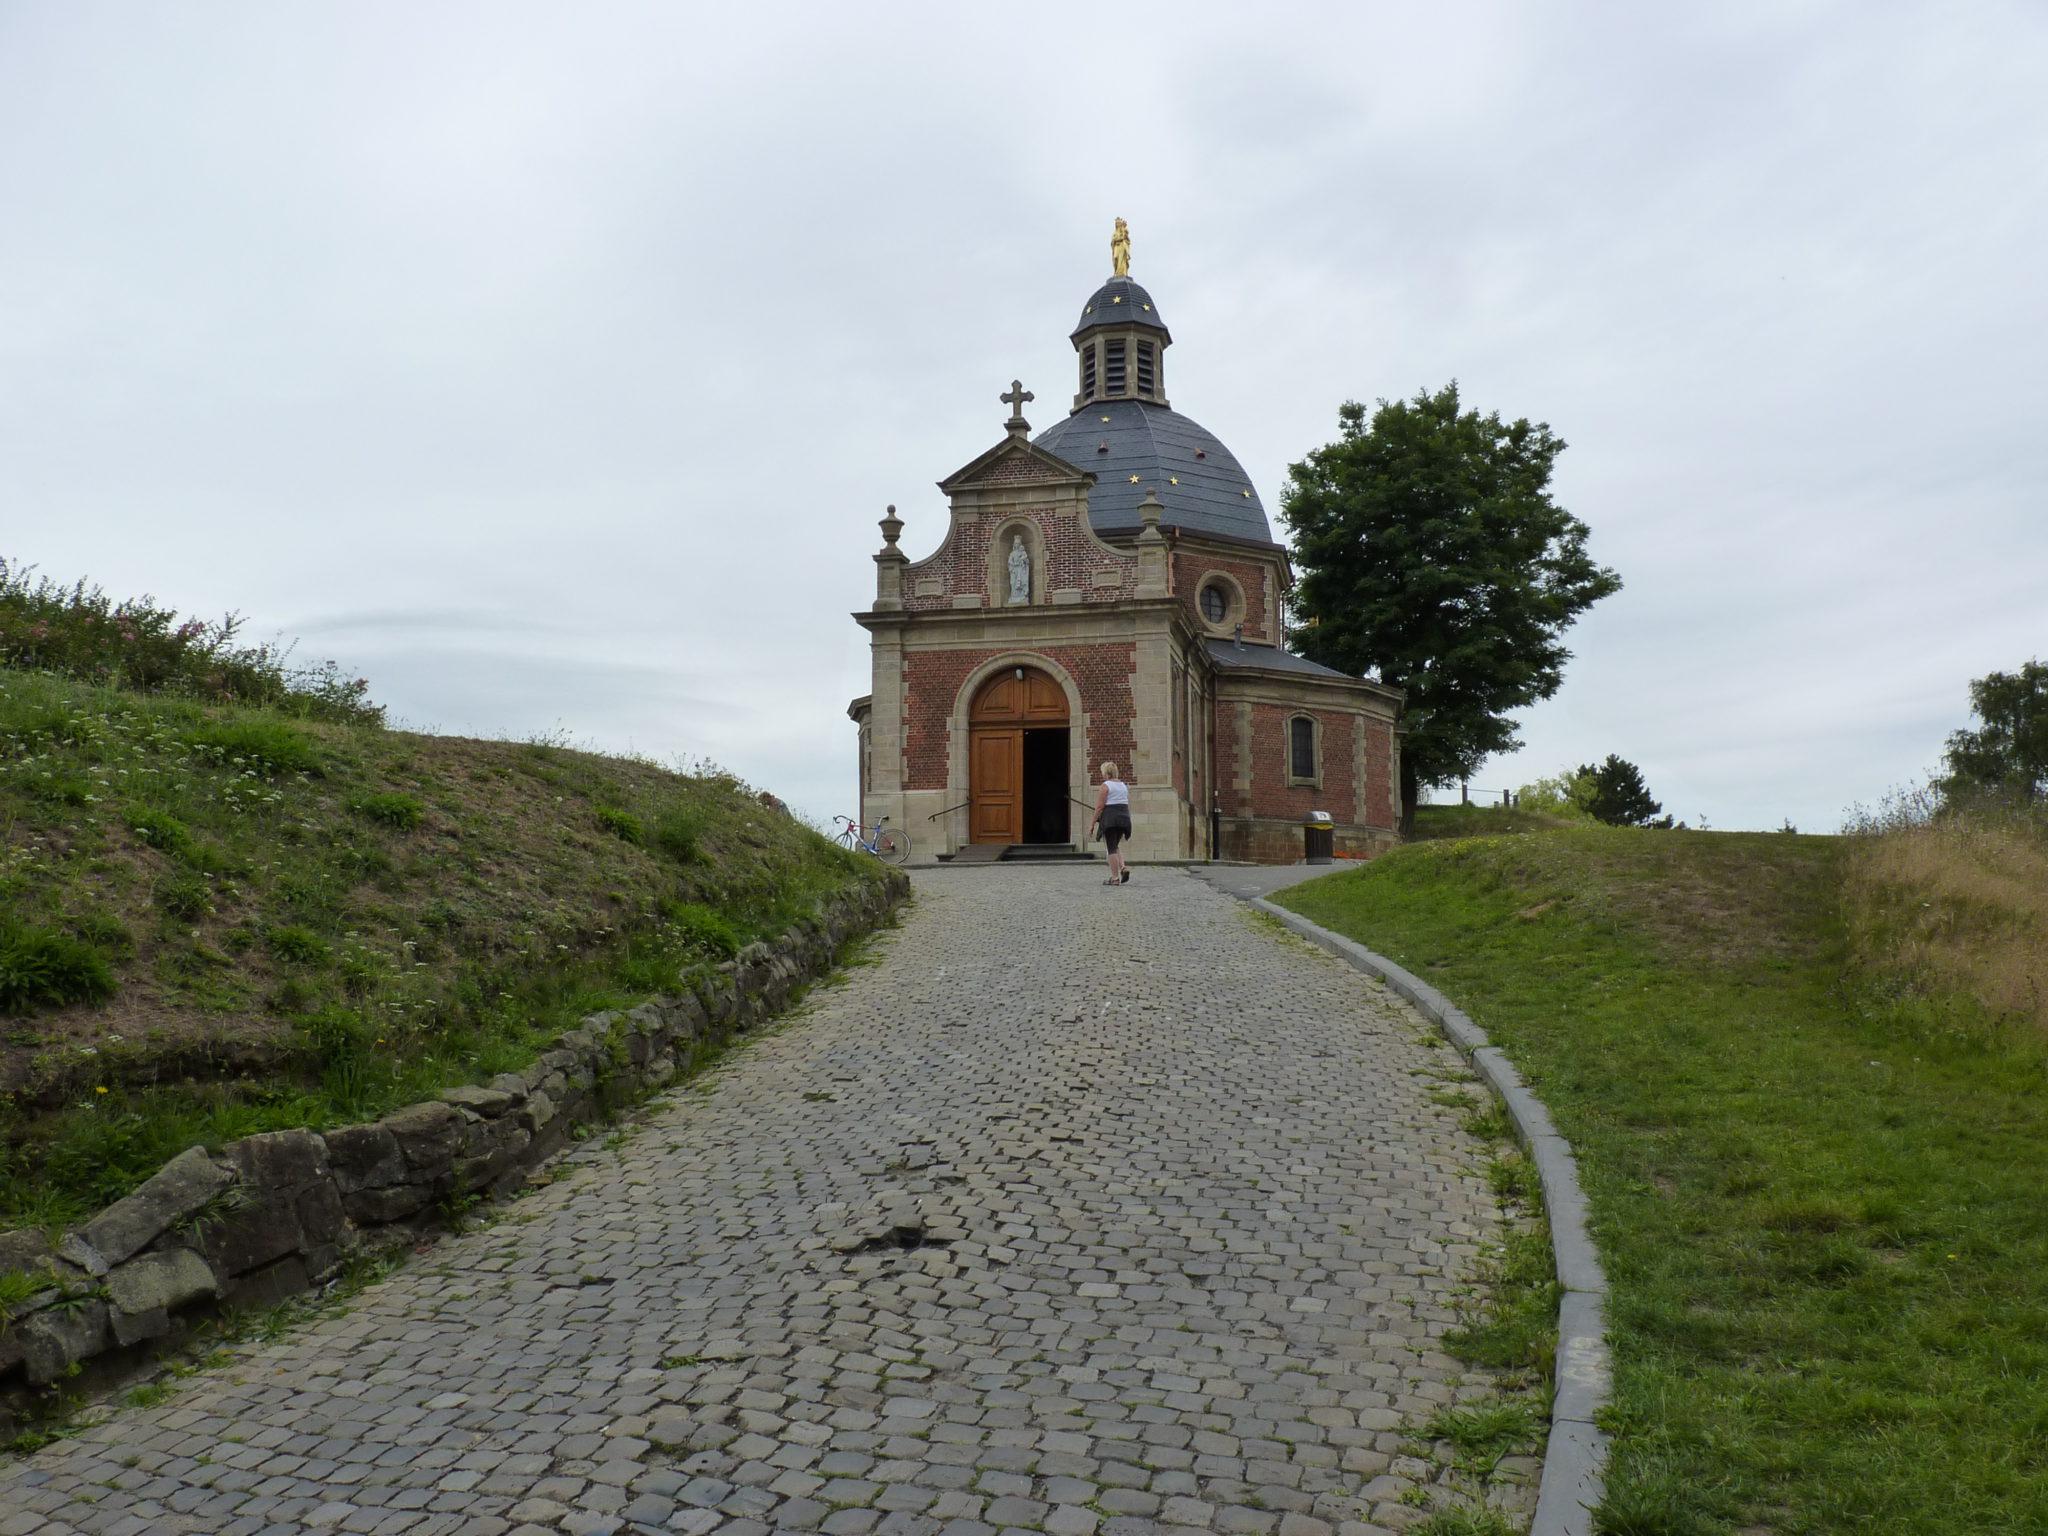 De Bidonroute, al fietsend doorheen de Vlaamse Ardennen.